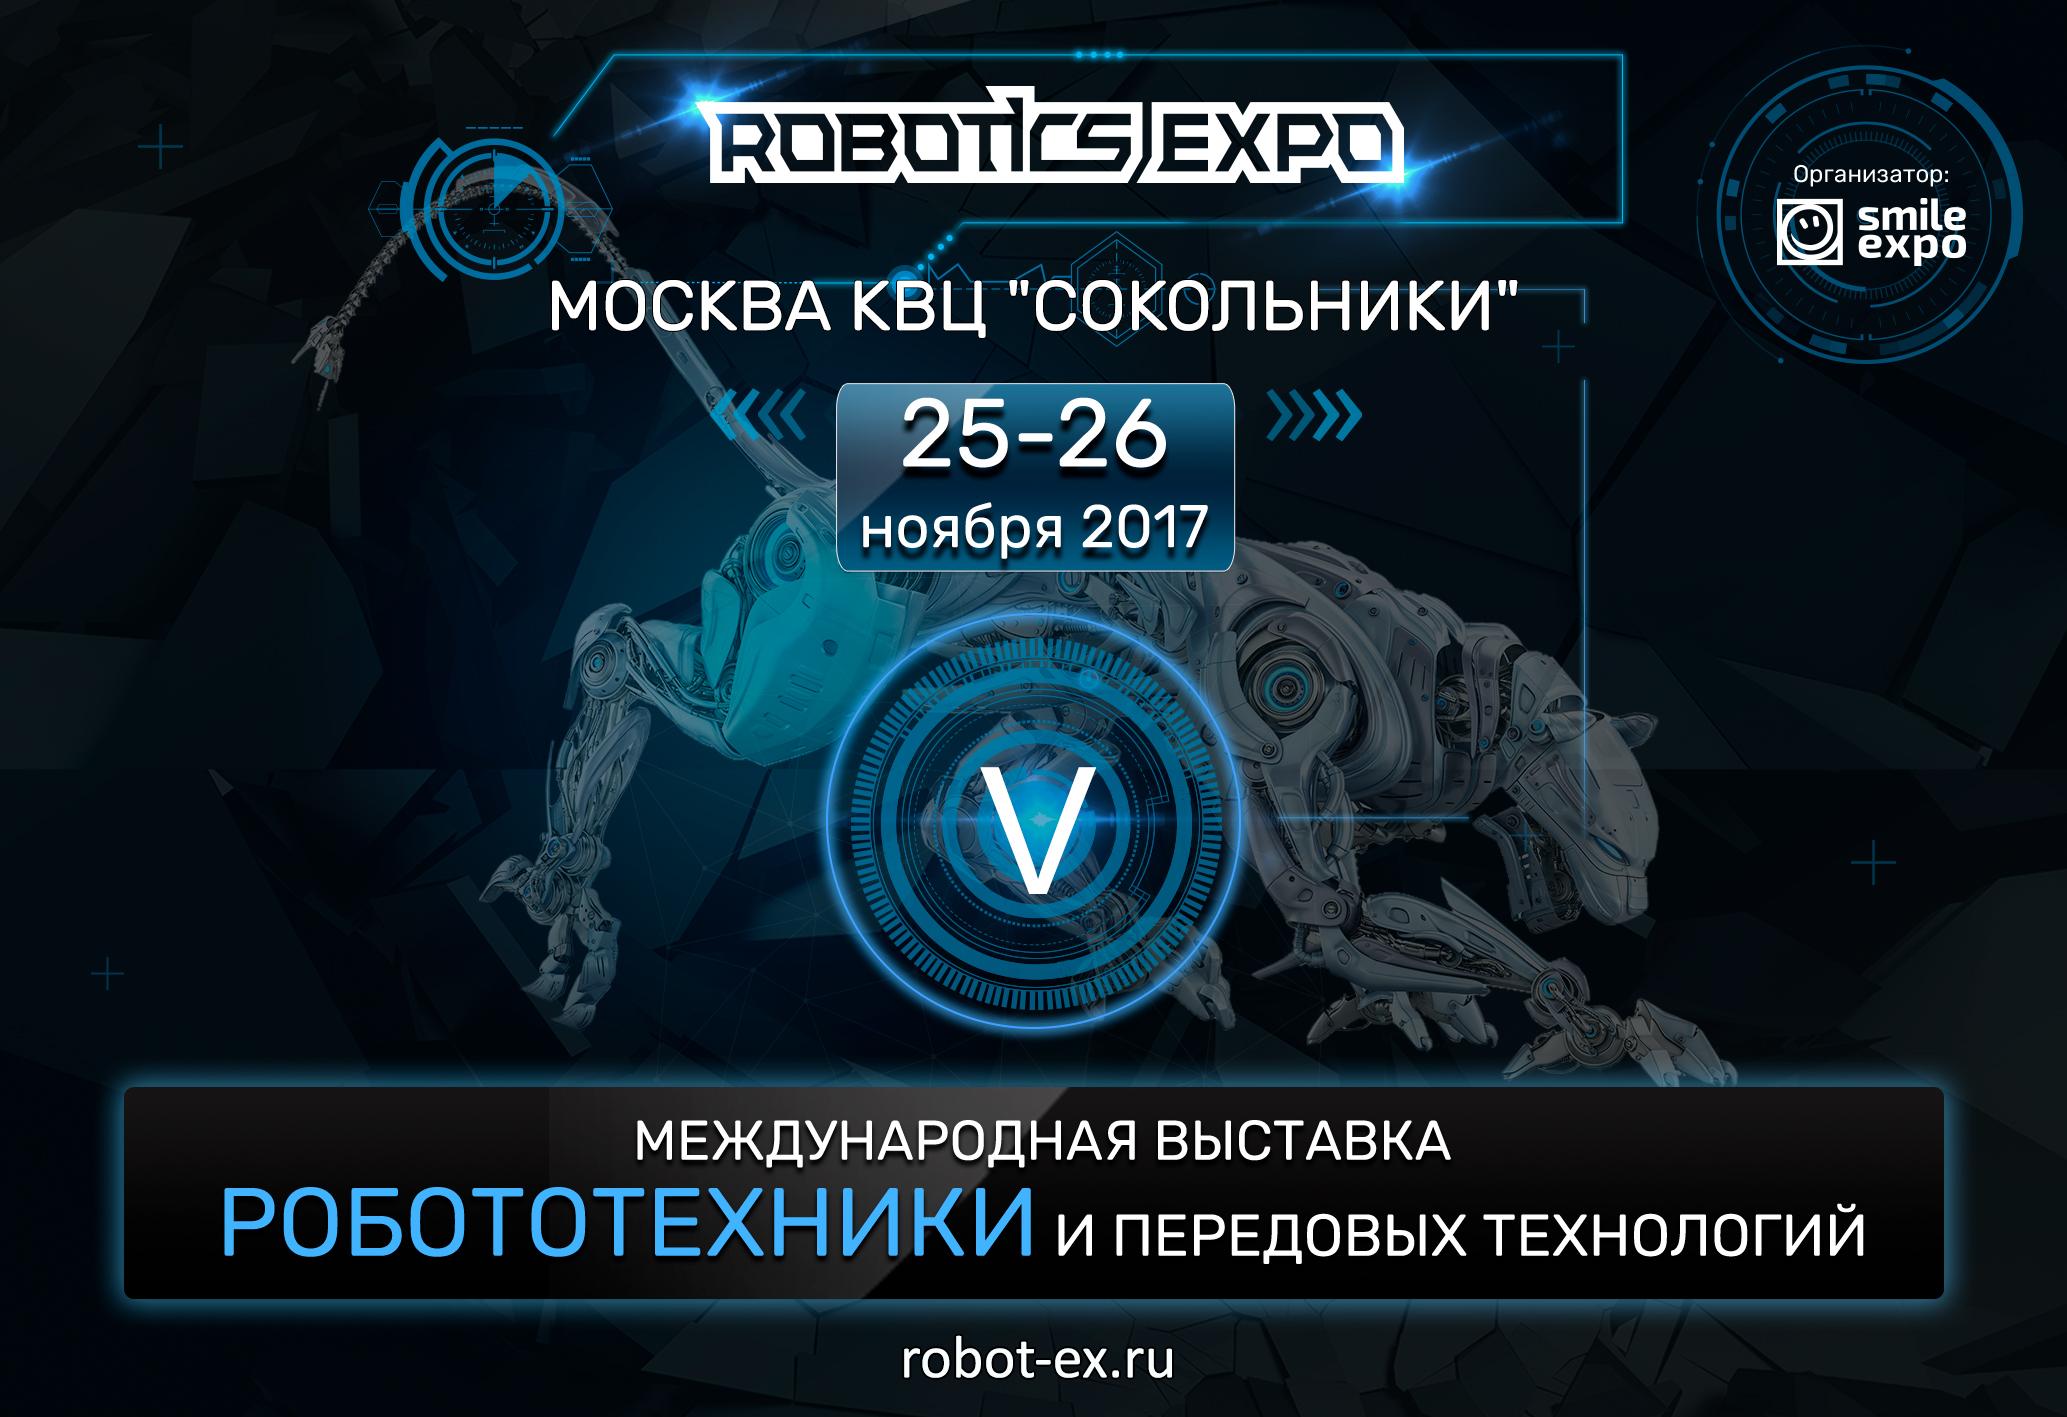 Robotics Expo 2017